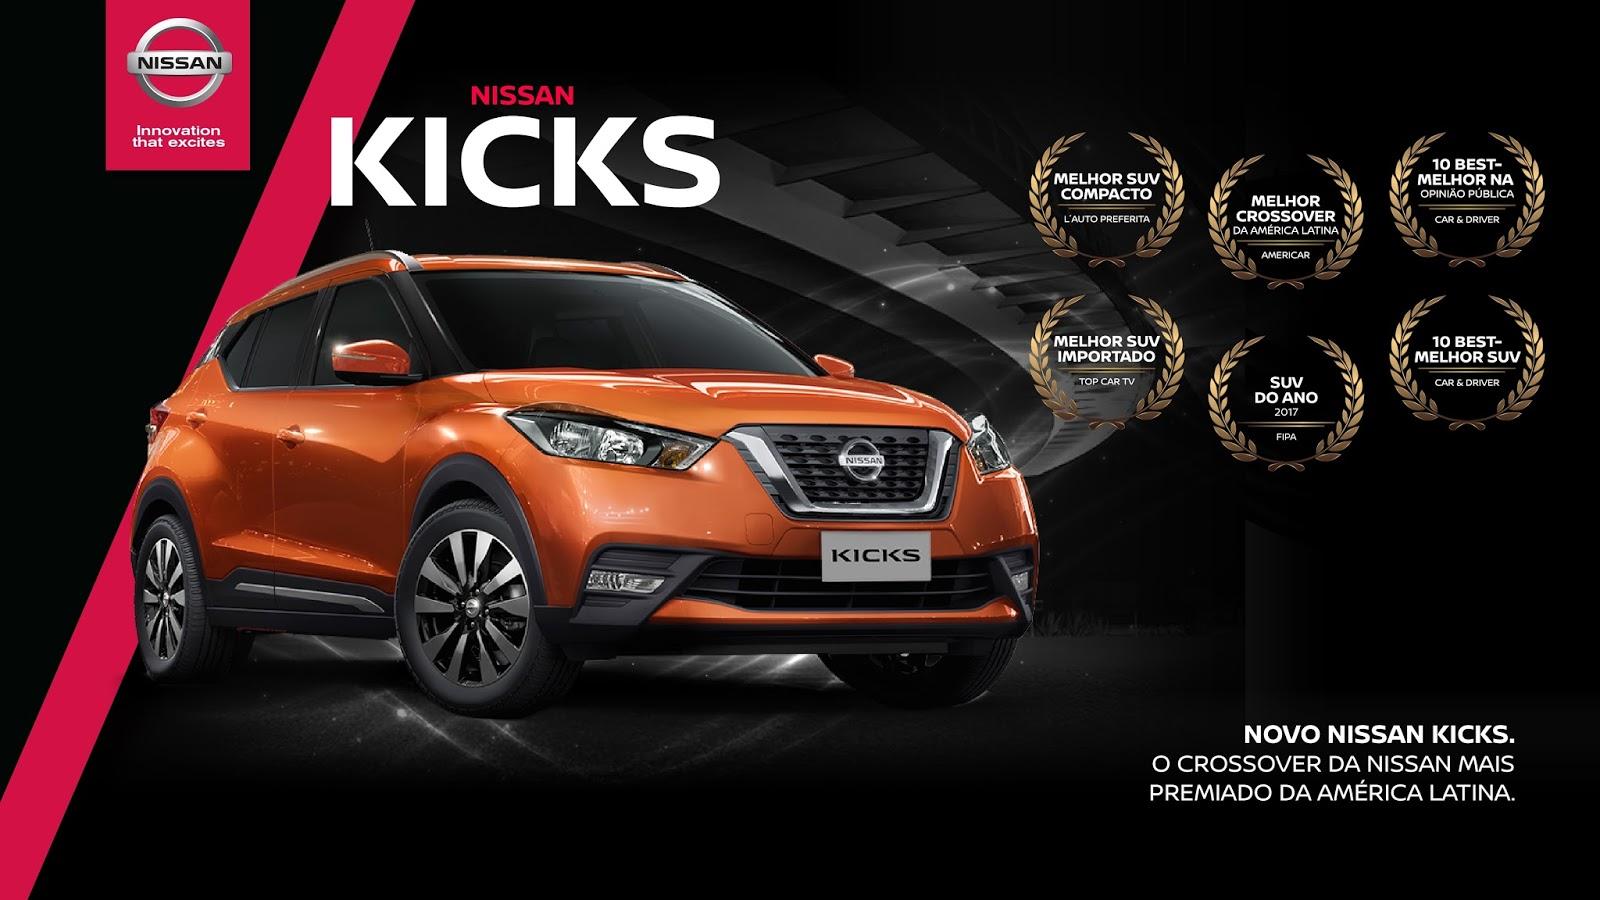 Nissan Kicks é o SUV mais premiado em toda a América Latina